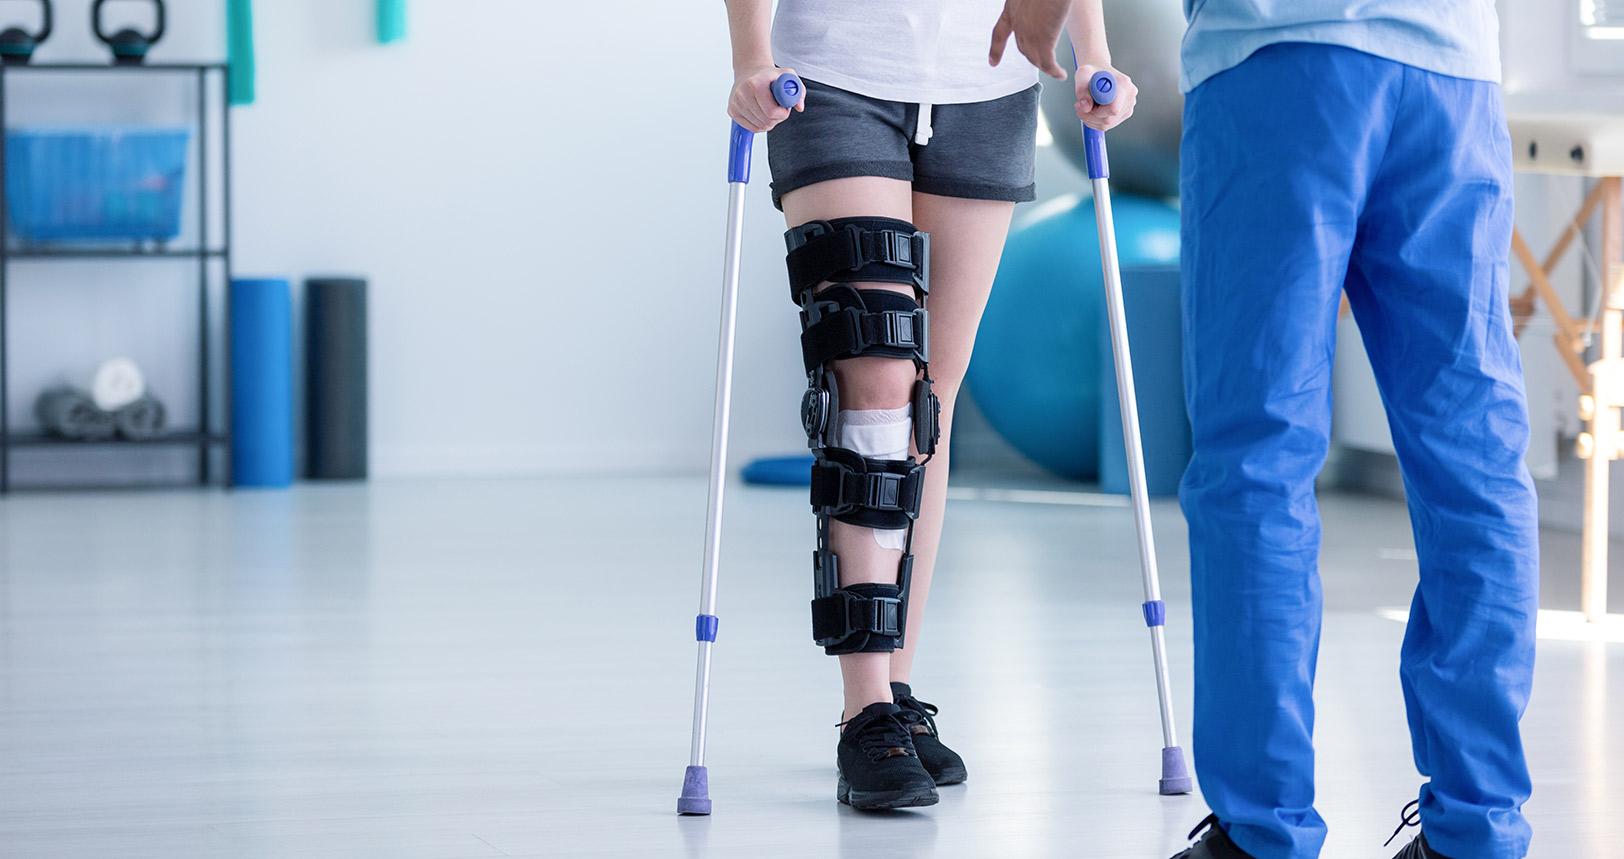 trattamento delle affezioni e dei traumi dell'apparato locomotore Visita specialistica ortopedica Ecografie muscolo-scheletriche e tendinee infiltrazioni